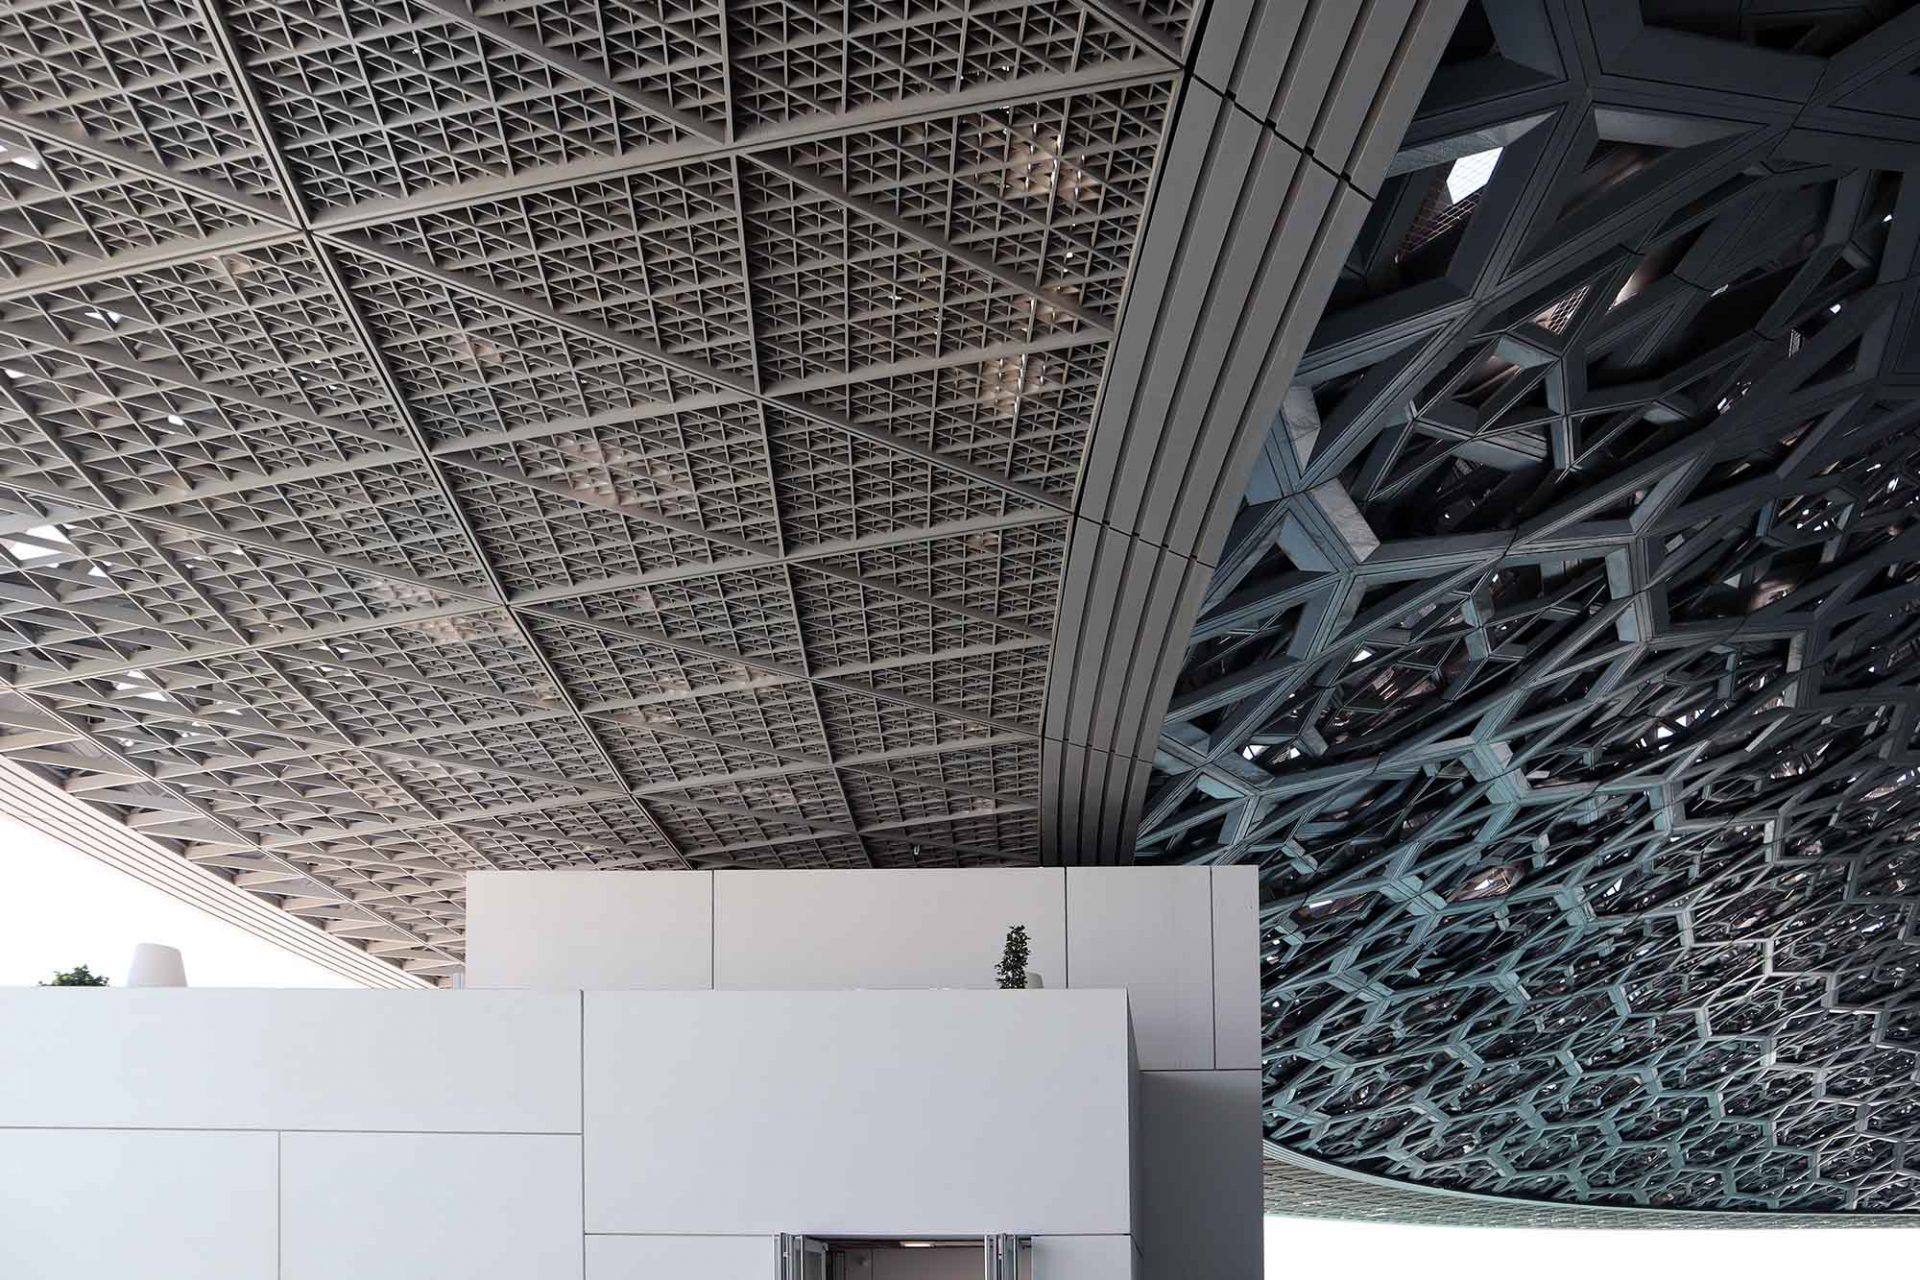 Louvre Abu Dhabi. ... wiegt 7.500 Tonnen. Eine Stahlkonstruktion mit einer Edelstahl-Aluminiumverkleidung bestehend aus ...